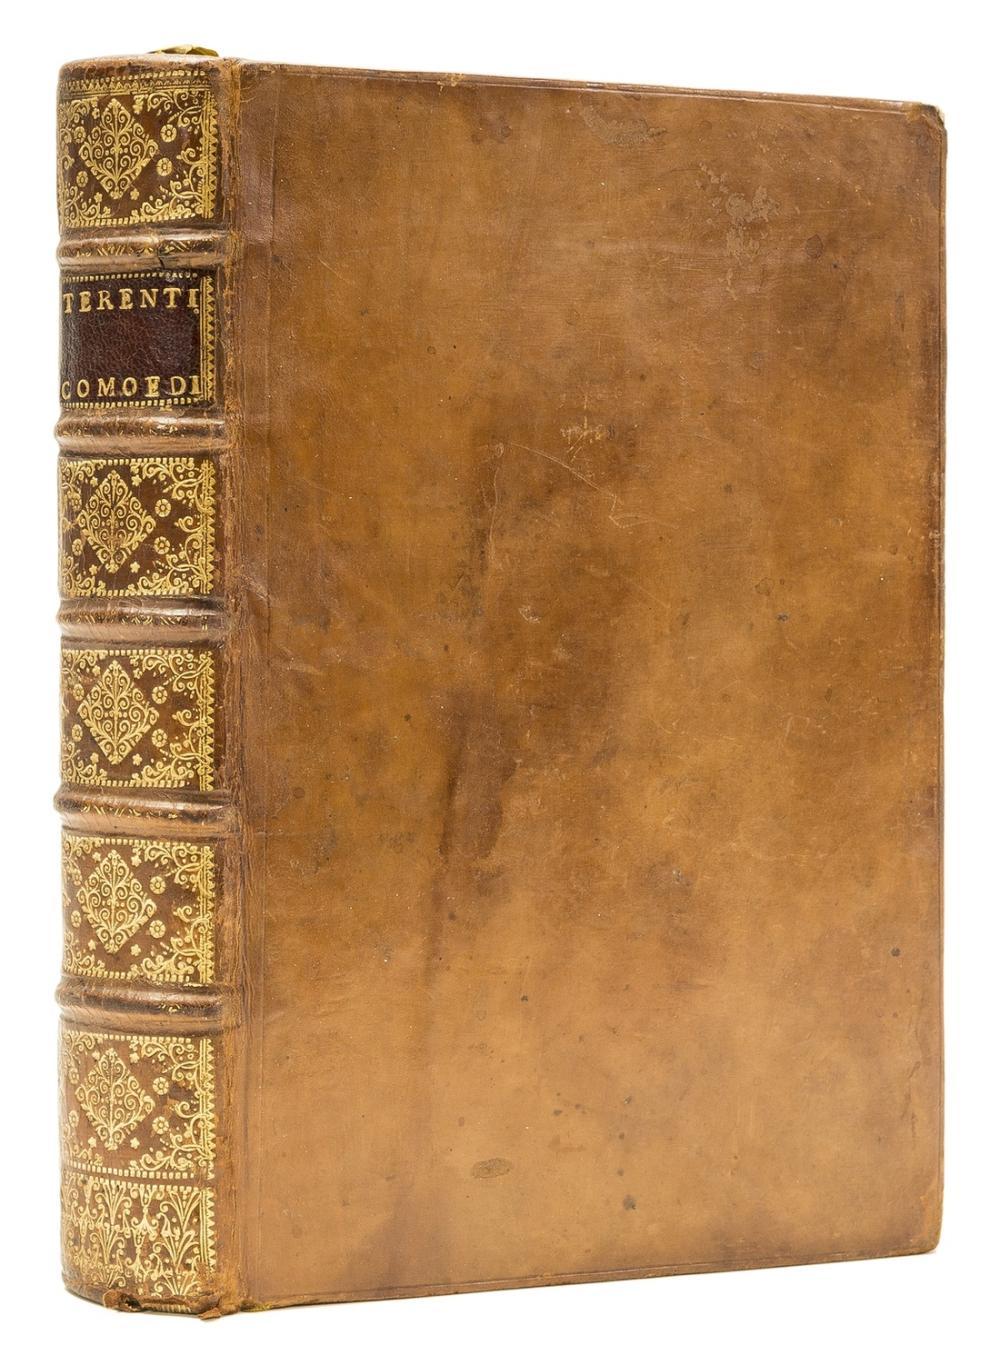 Estienne.- Terentius Afer (Publius) Comoediae sex, Paris, Robert Estienne, 1541 [colophon 1542]